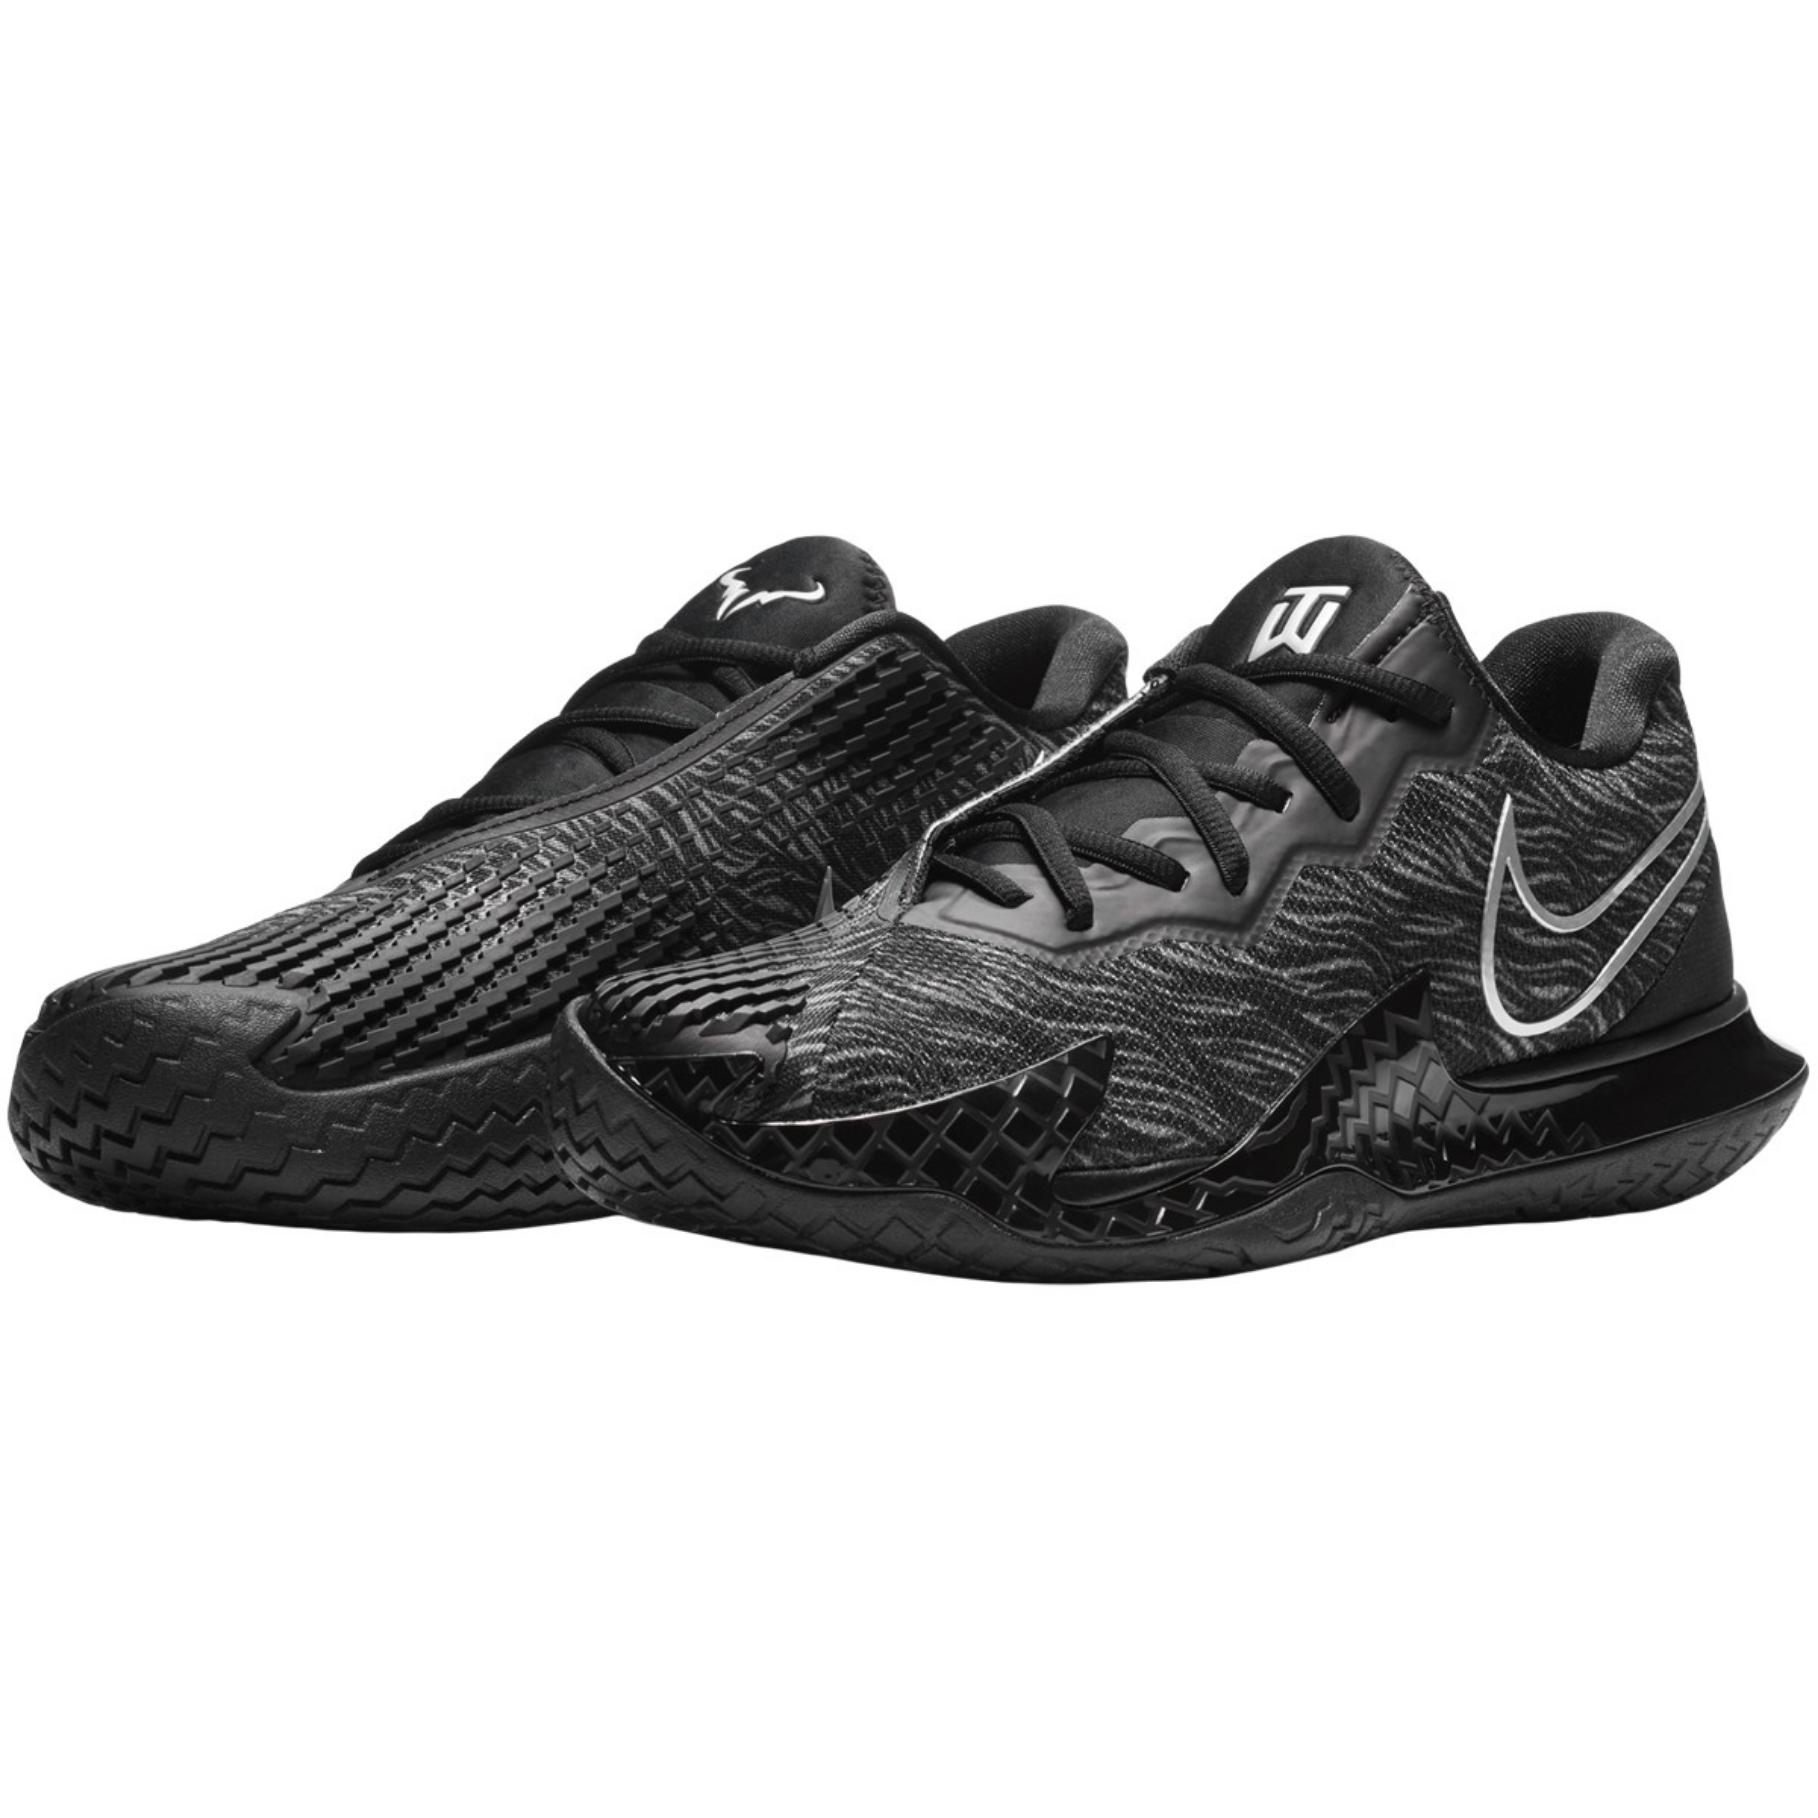 Nike Air Zoom Vapor Cage 4 Men's Rafa Tiger Woods Shoe - Black